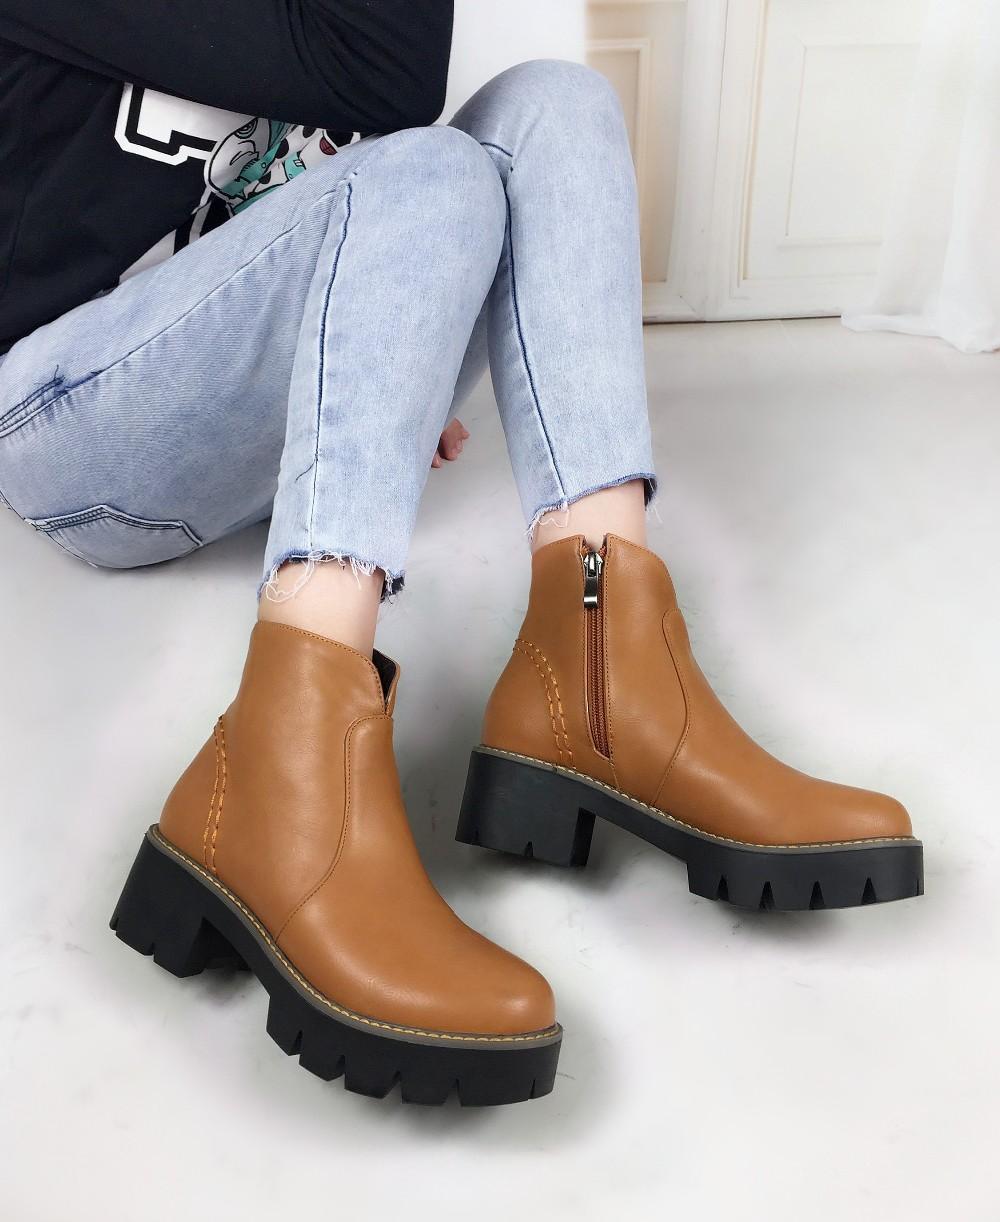 Moda 2016 de la moda otoño Martin Botas botines zapatos de cuero de la pu negro Marca Dr Diseñador Motorcycle Boots Plus size 34-43